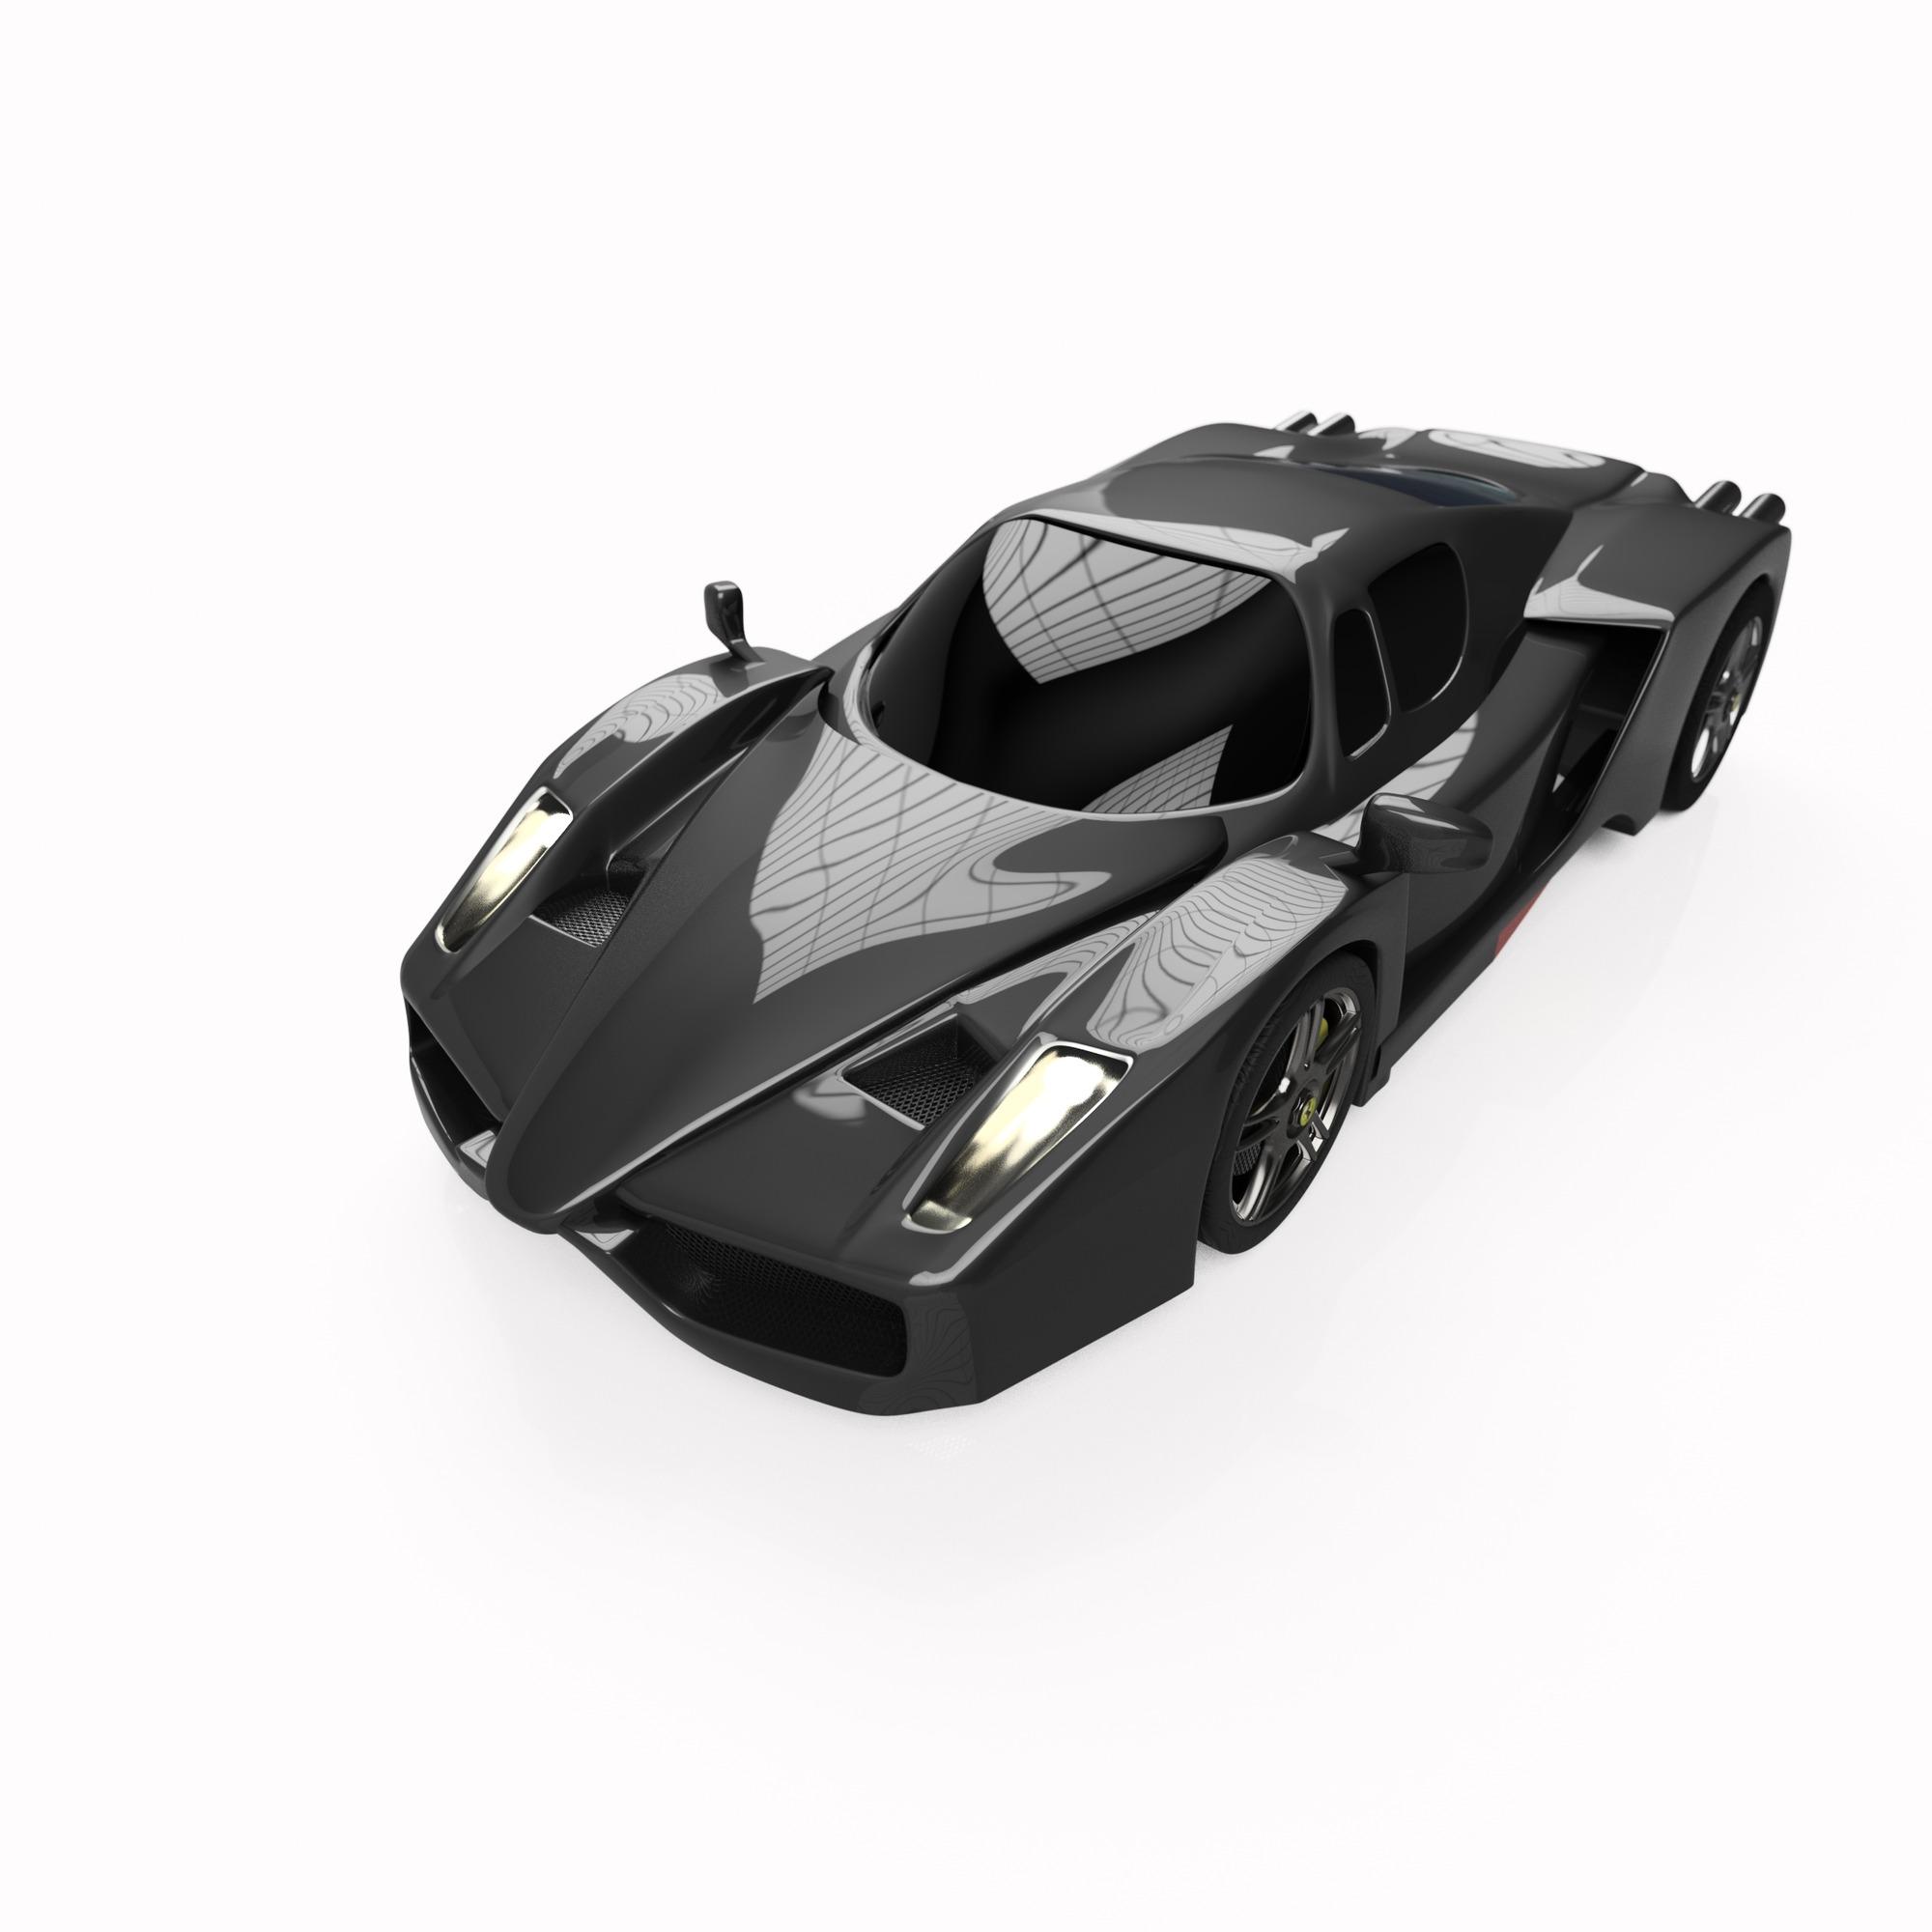 Ferrari_enzo_2015-jul-05_10-12-57pm-000_customizedview62320726